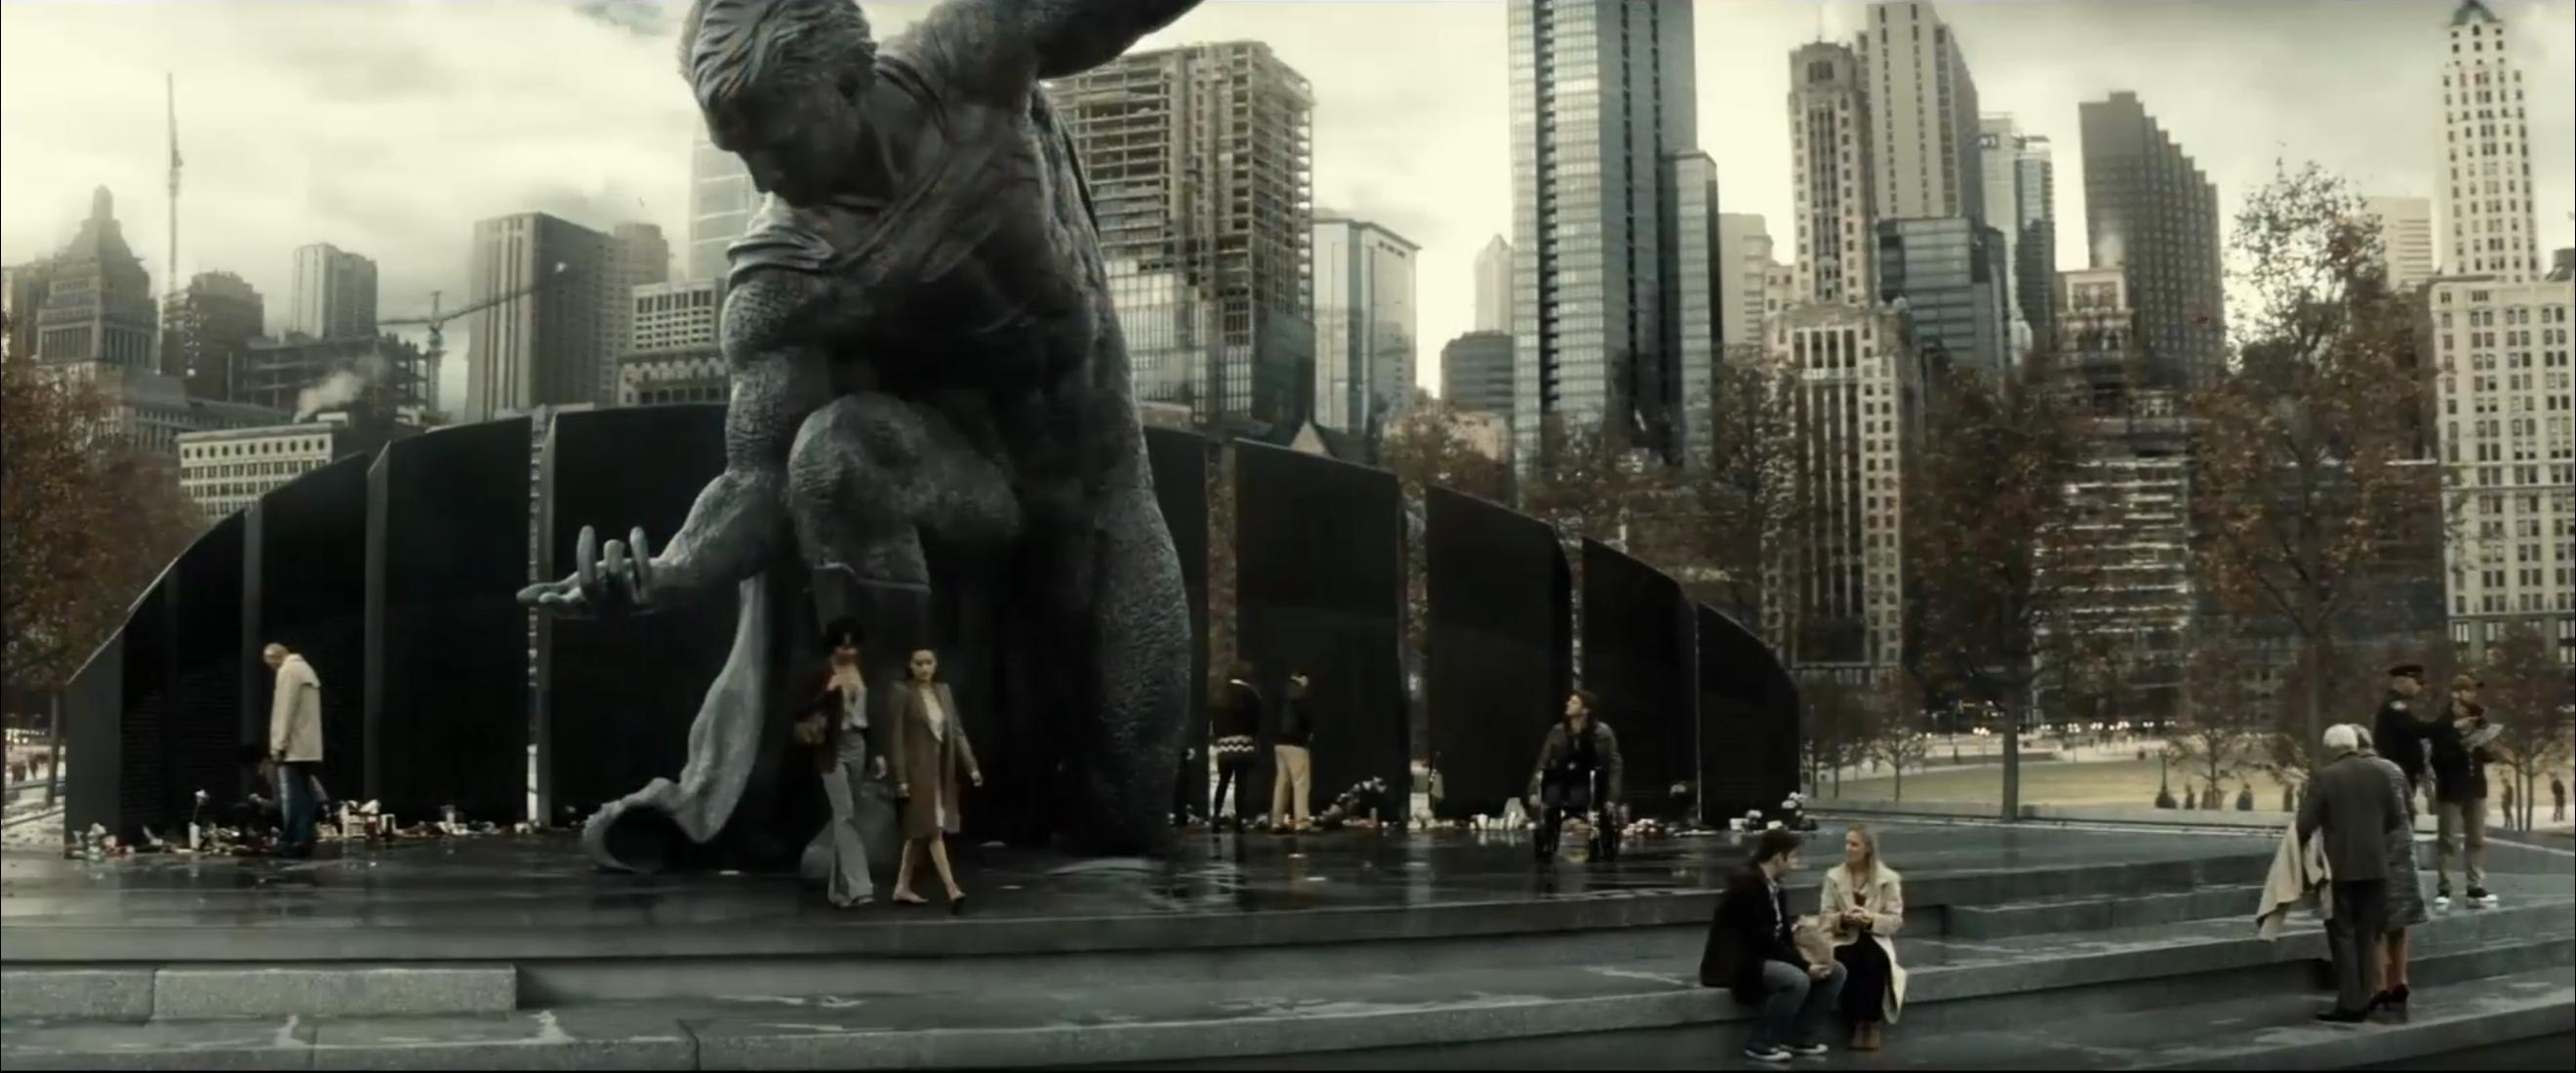 Batman v Superman: un momento del nuovo trailer